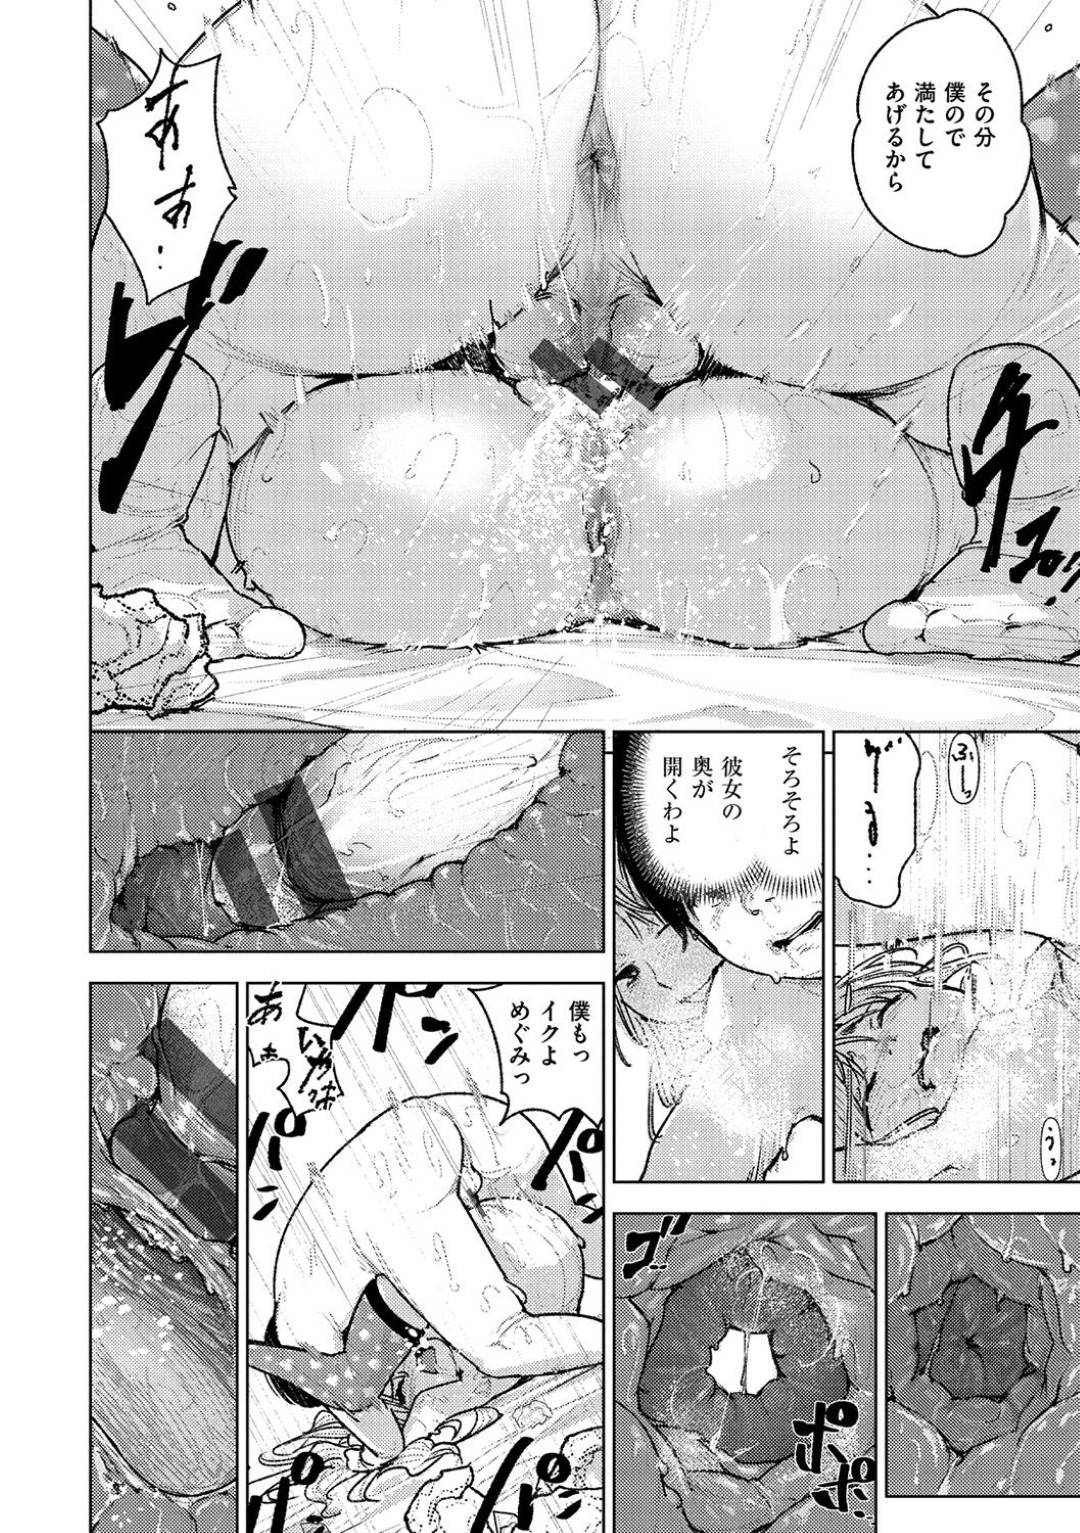 【エロ漫画】仲のいい男子と一緒に帰宅しながら話を聞くちっぱいJS…他人のセックスを覗いてしまいそのまま乱交した話を聞いているとおかしくなった男子に押し倒されレイプされる!【kanbe:茂みの囀り】